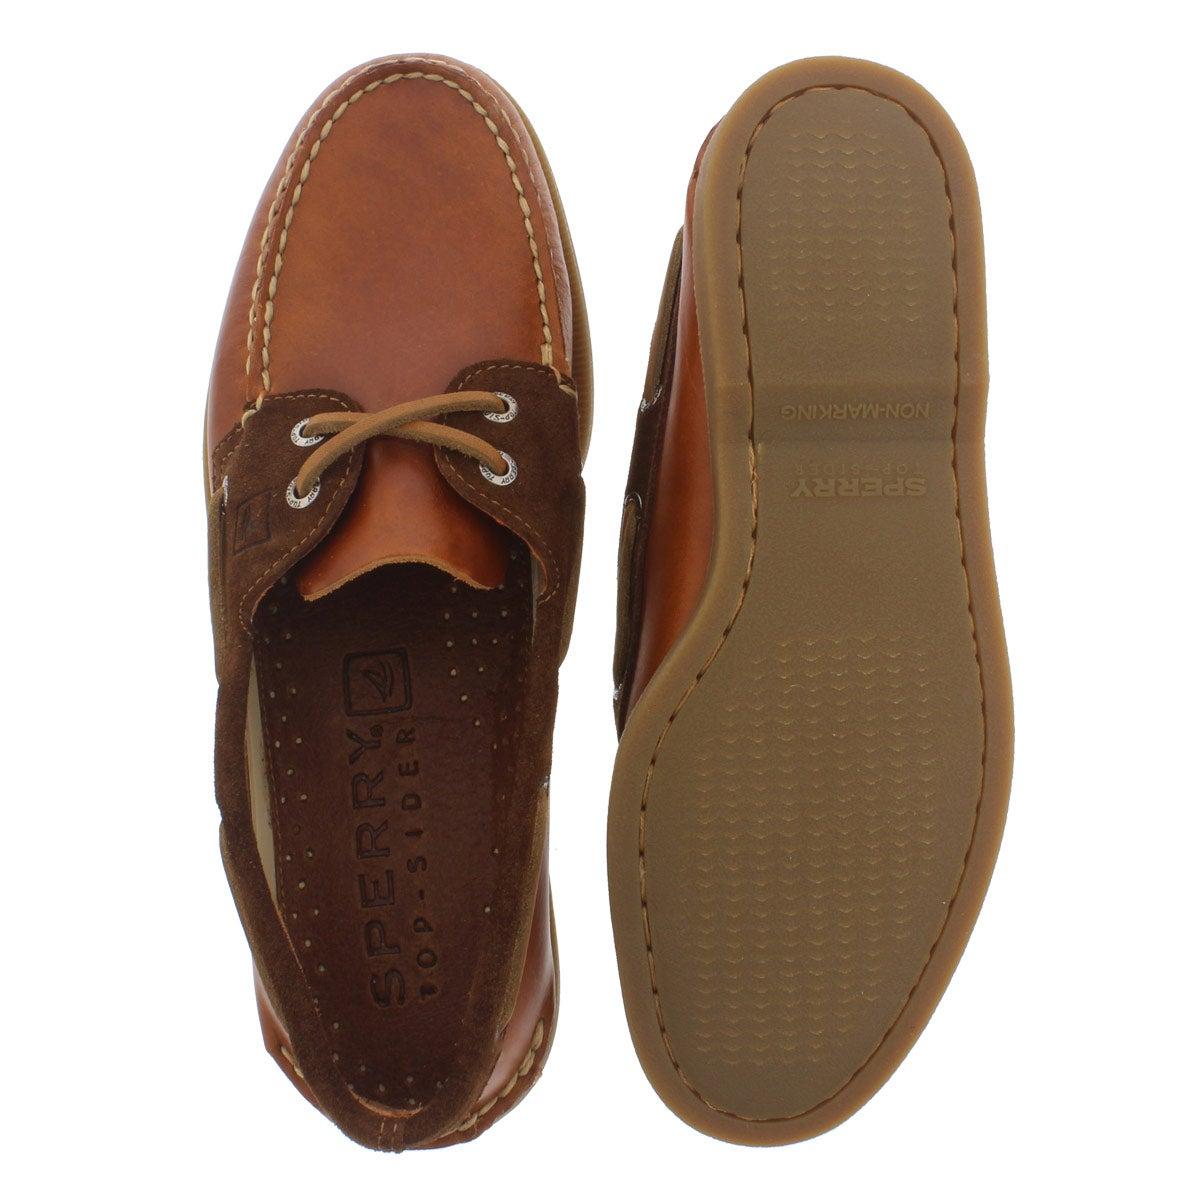 Mns A/0 2-Eye Cyclone tan boat shoe